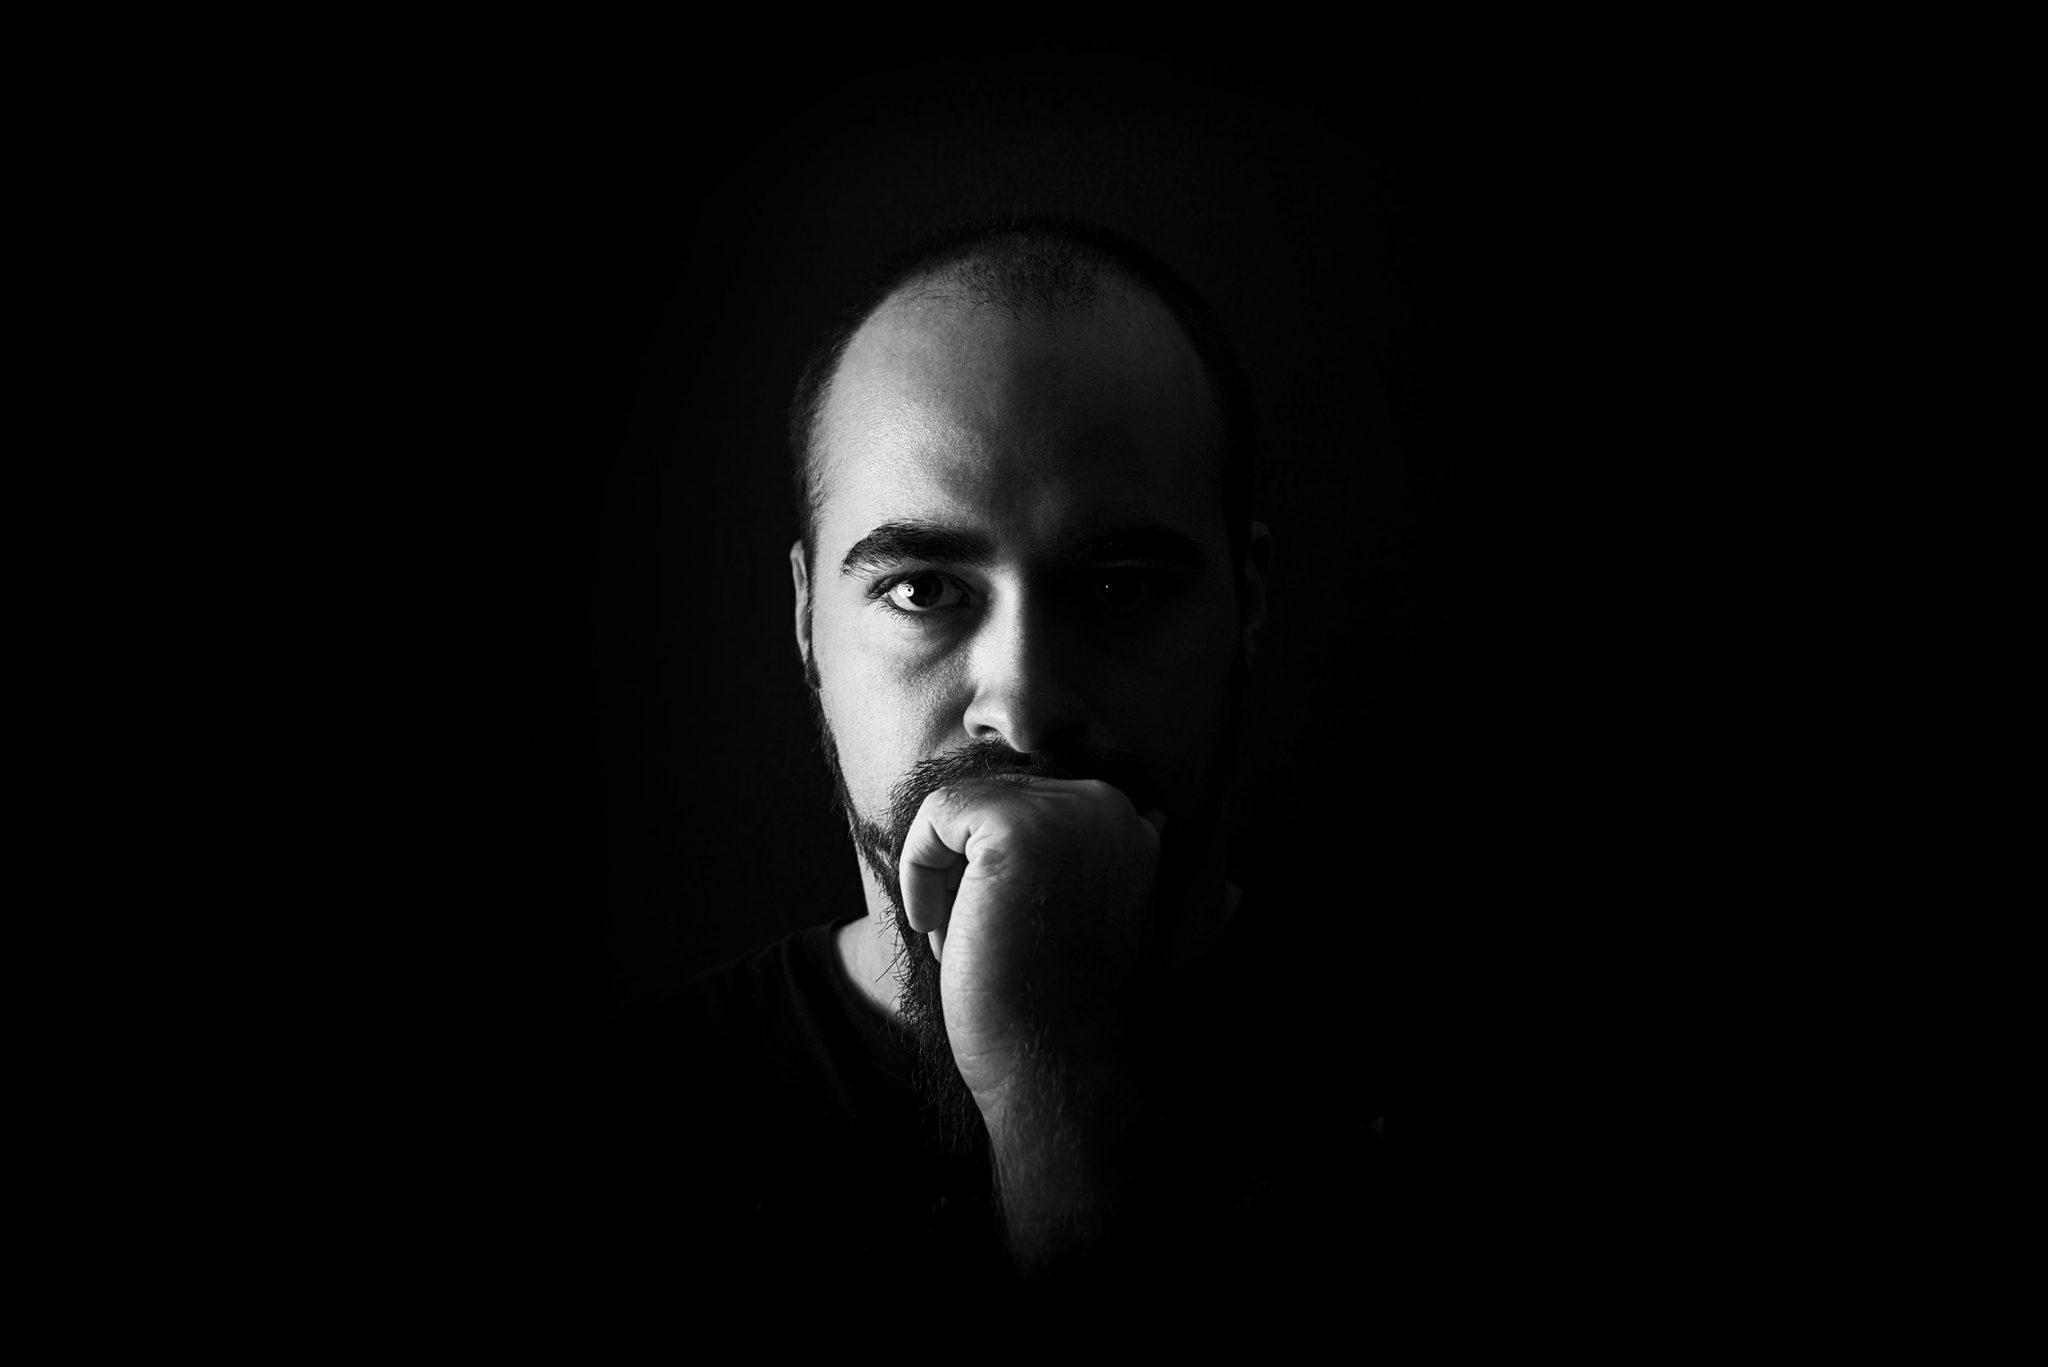 Photographe professionnel Reims, NoMade Photographie, Sébastien Mignot, shooting photo noir et blanc bol beauté sur fond noir